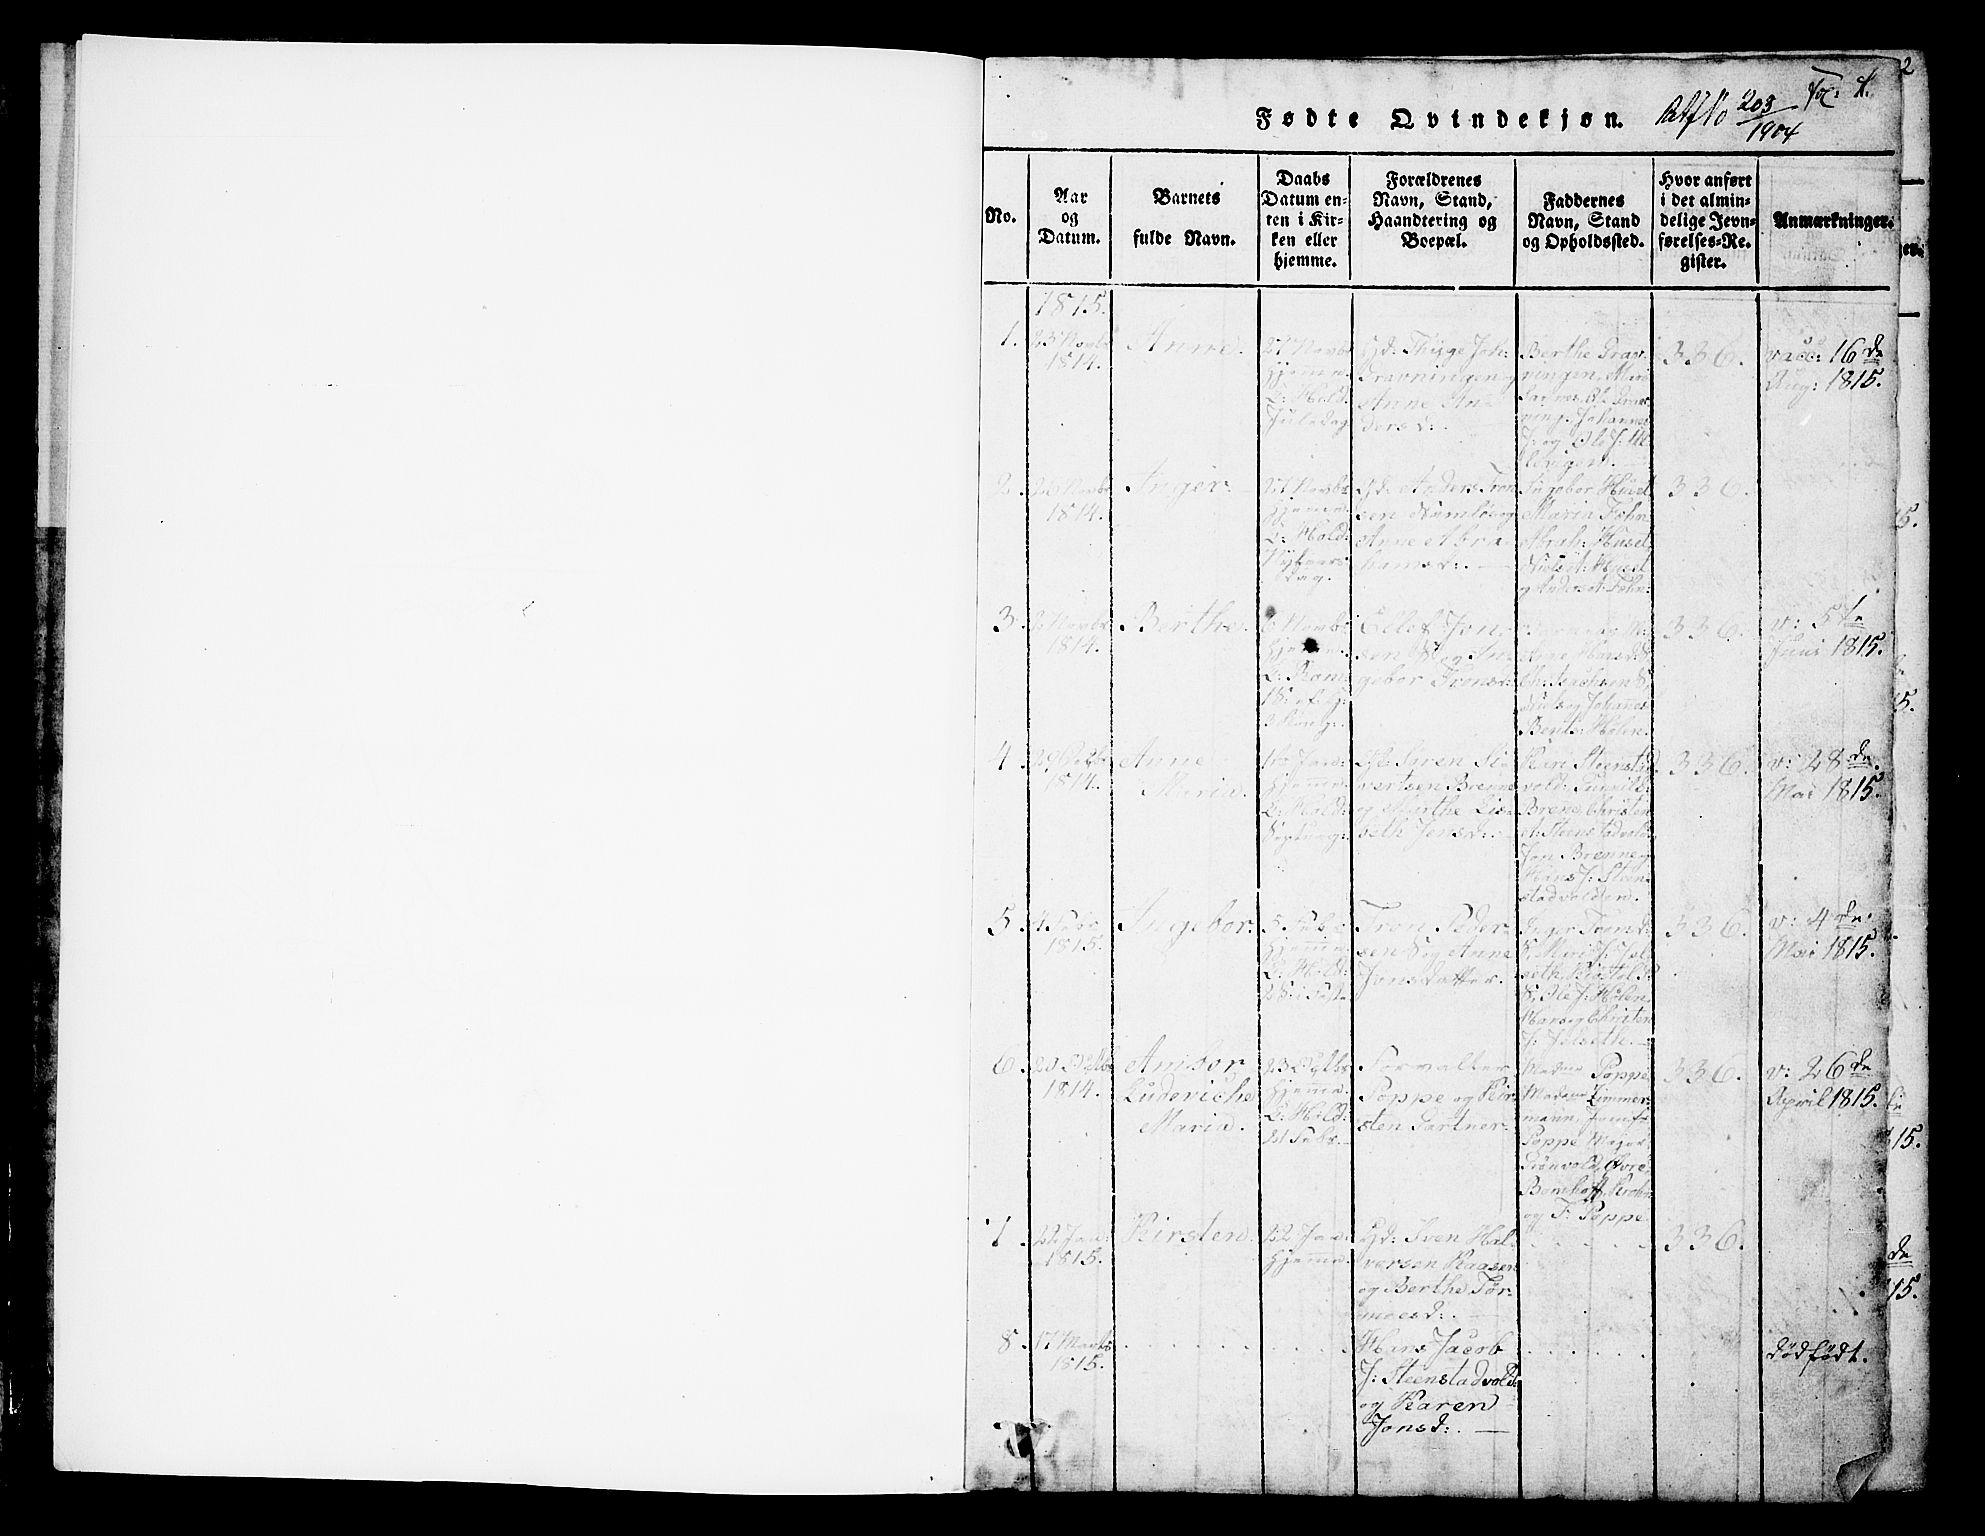 SAKO, Holla kirkebøker, G/Ga/L0001: Klokkerbok nr. I 1, 1814-1830, s. 1